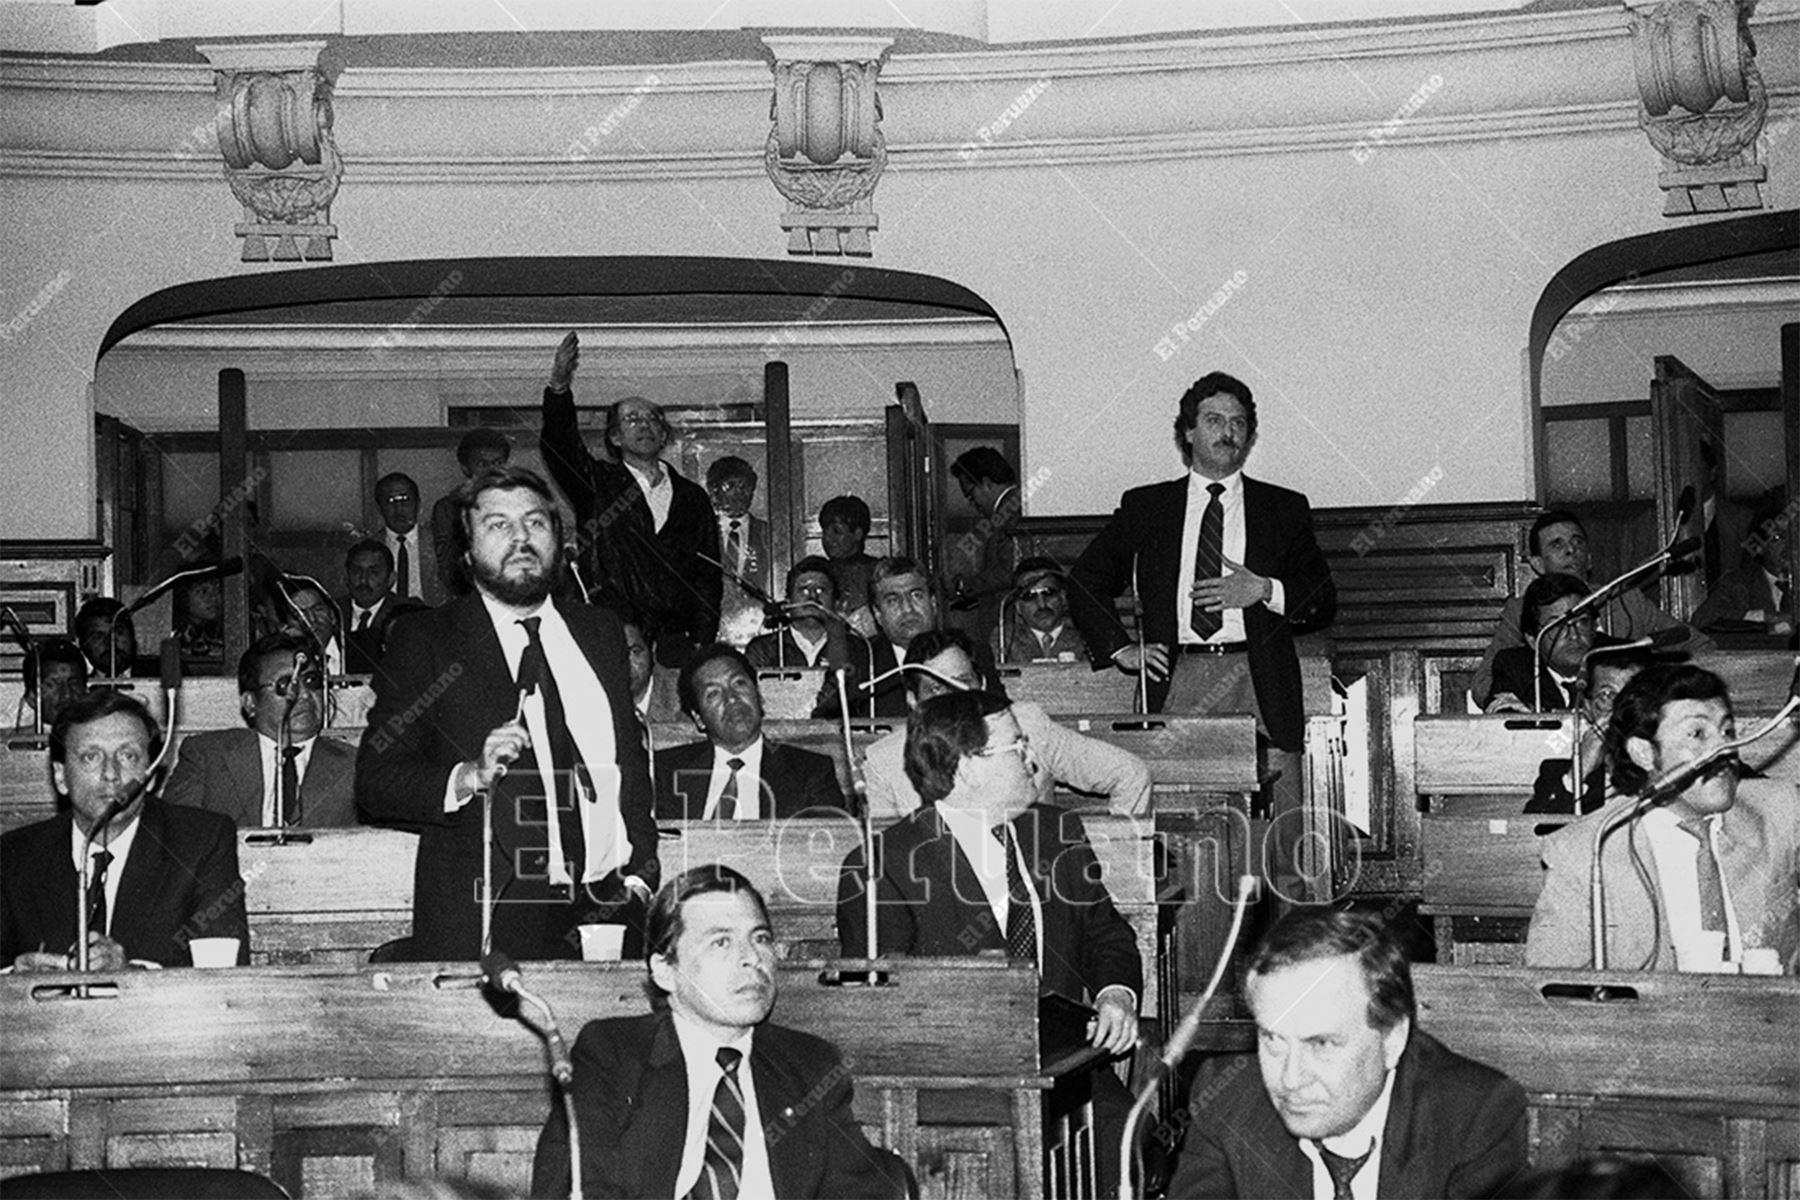 Lima - 26 julio 1990 / Los diputados Fernando Olivera y Ricardo Letts durante la elección del presidente de la Cámara de Diputados.  Foto: Archivo Histórico de El Peruano / Norman Córdova